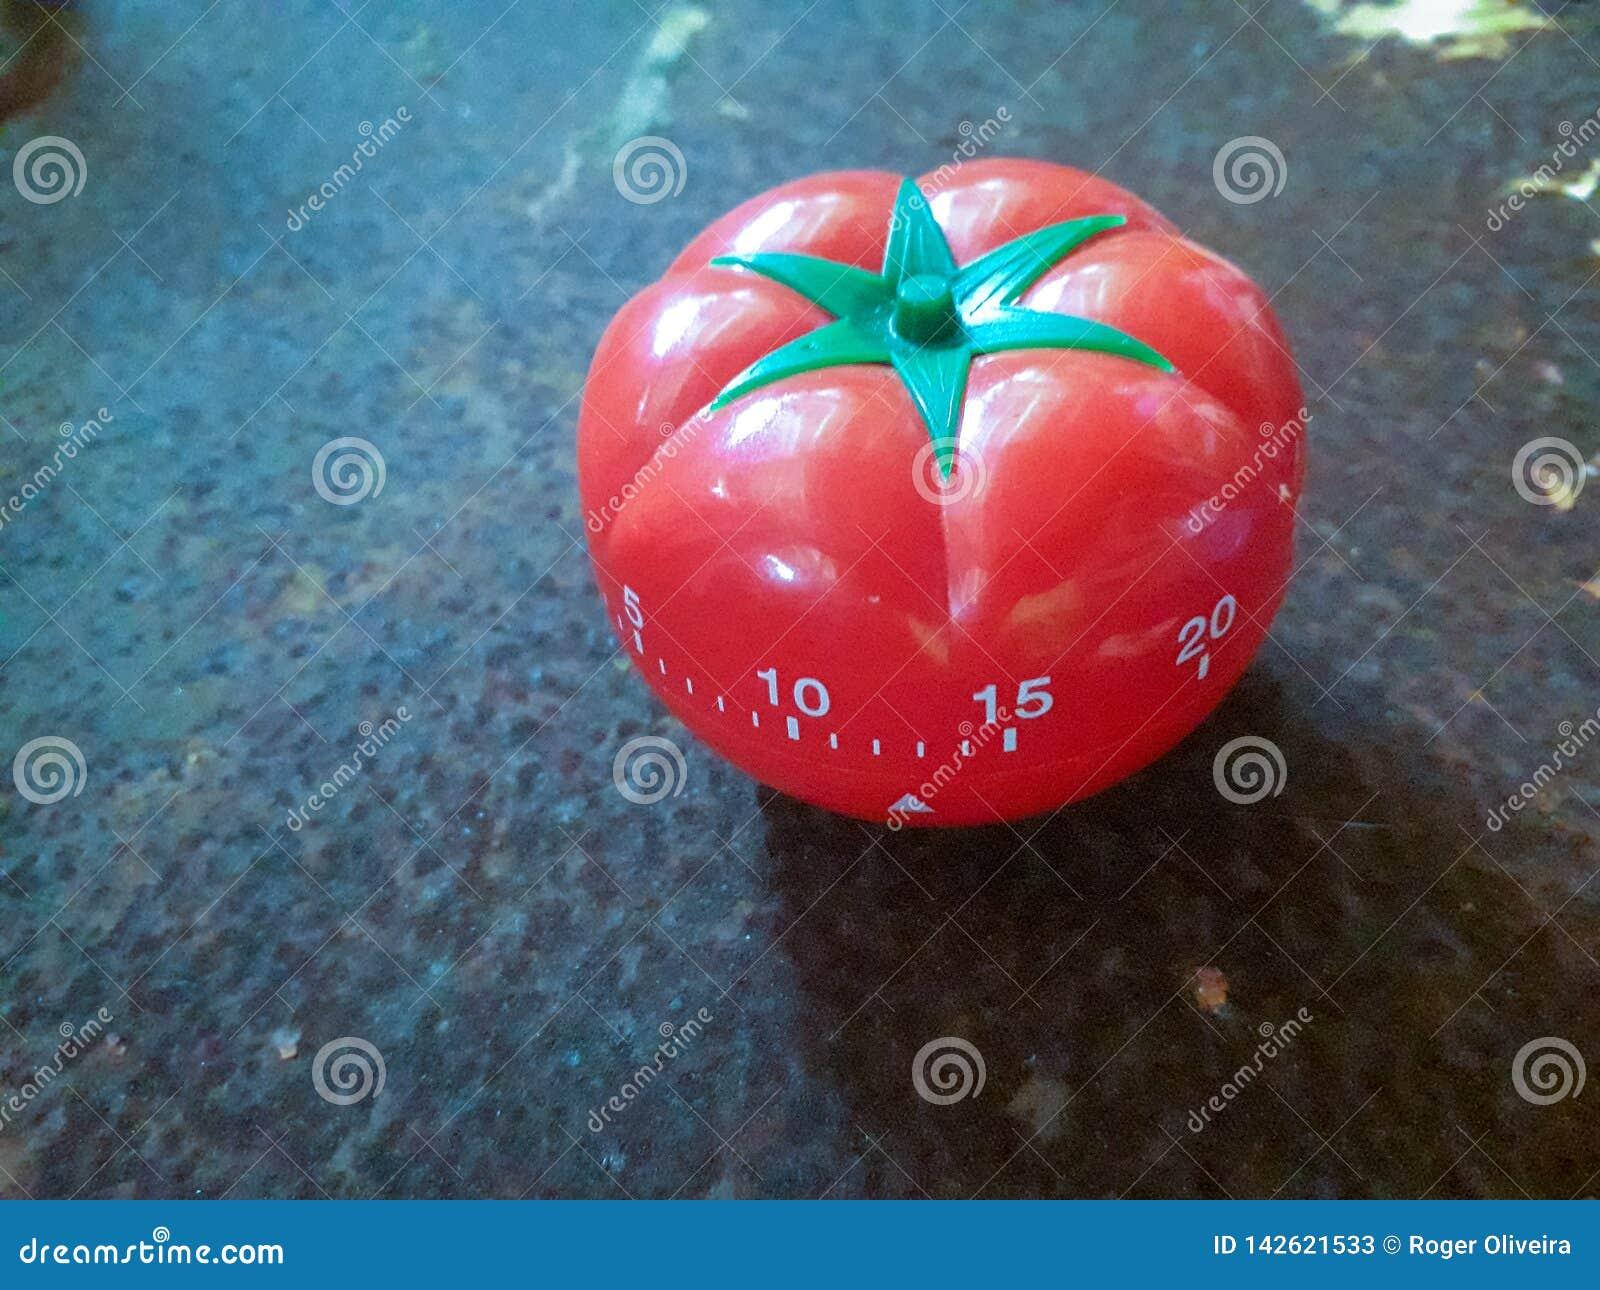 La minuterie rouge de Pomodoro à aider dans la concentration, améliorent la productivité